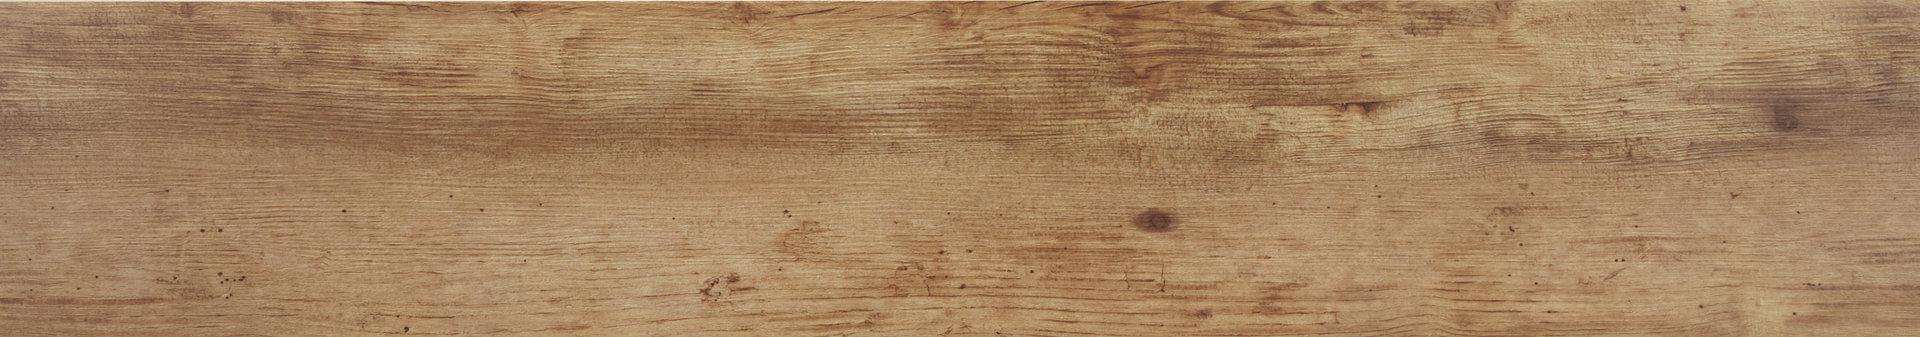 kwg designervinyl sheets rotbirne einrichtungen me parkett vinyl und landhausdielen. Black Bedroom Furniture Sets. Home Design Ideas